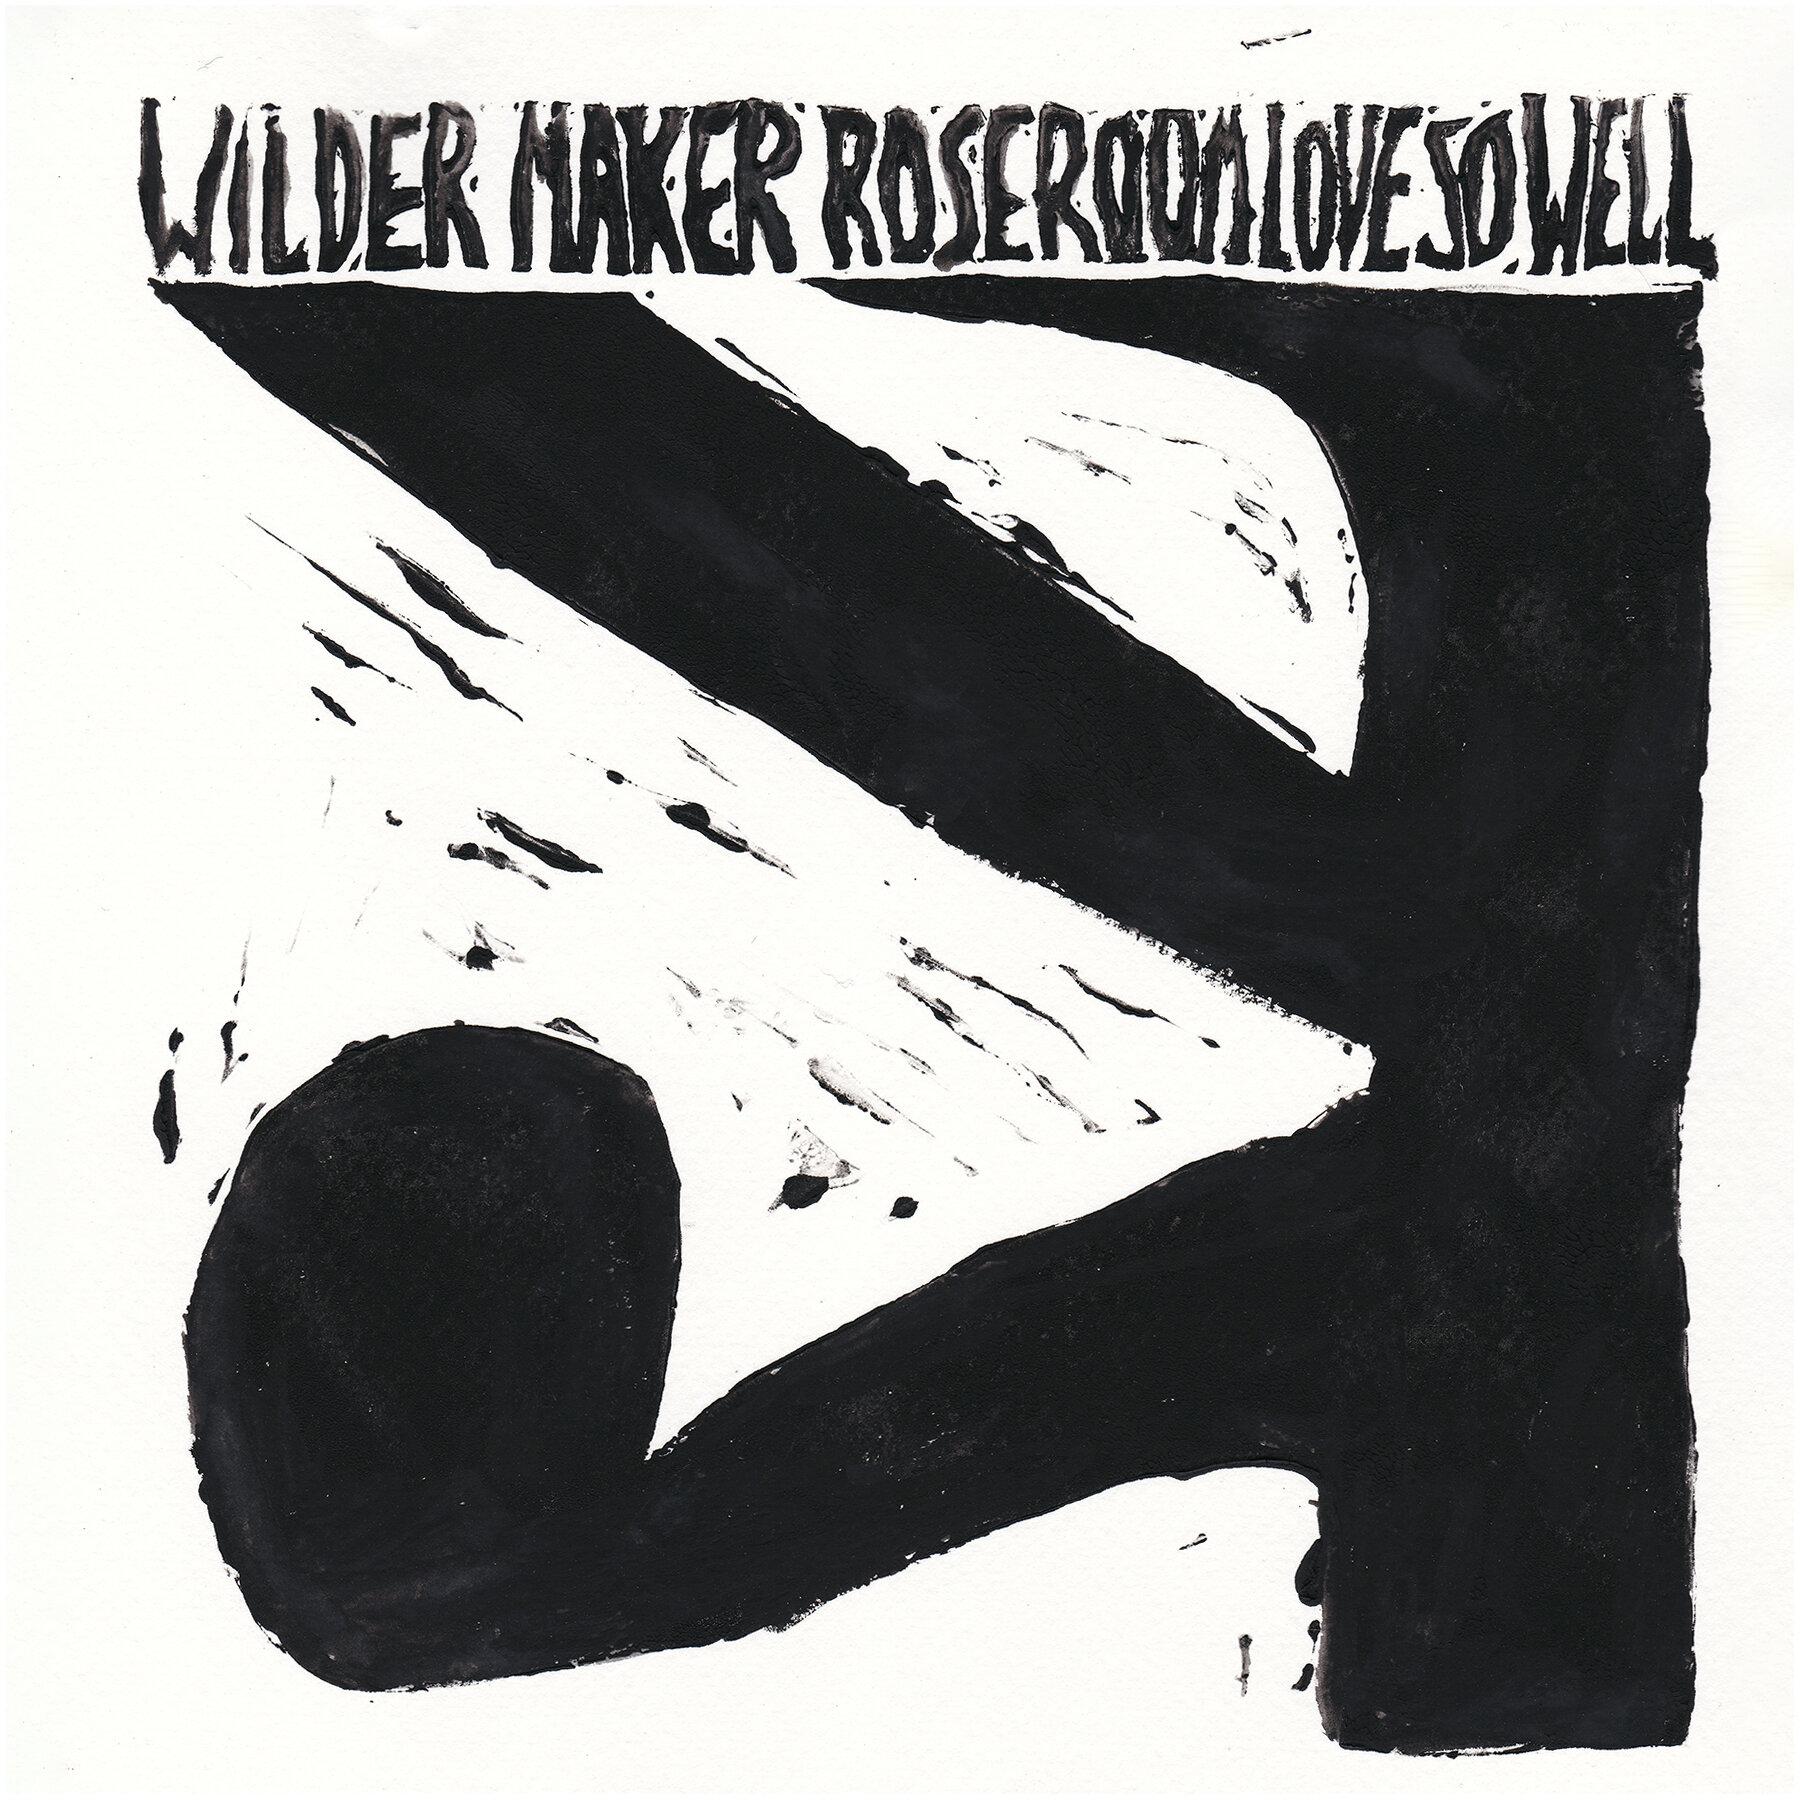 wilder-make-rose-room-b-art.JPG